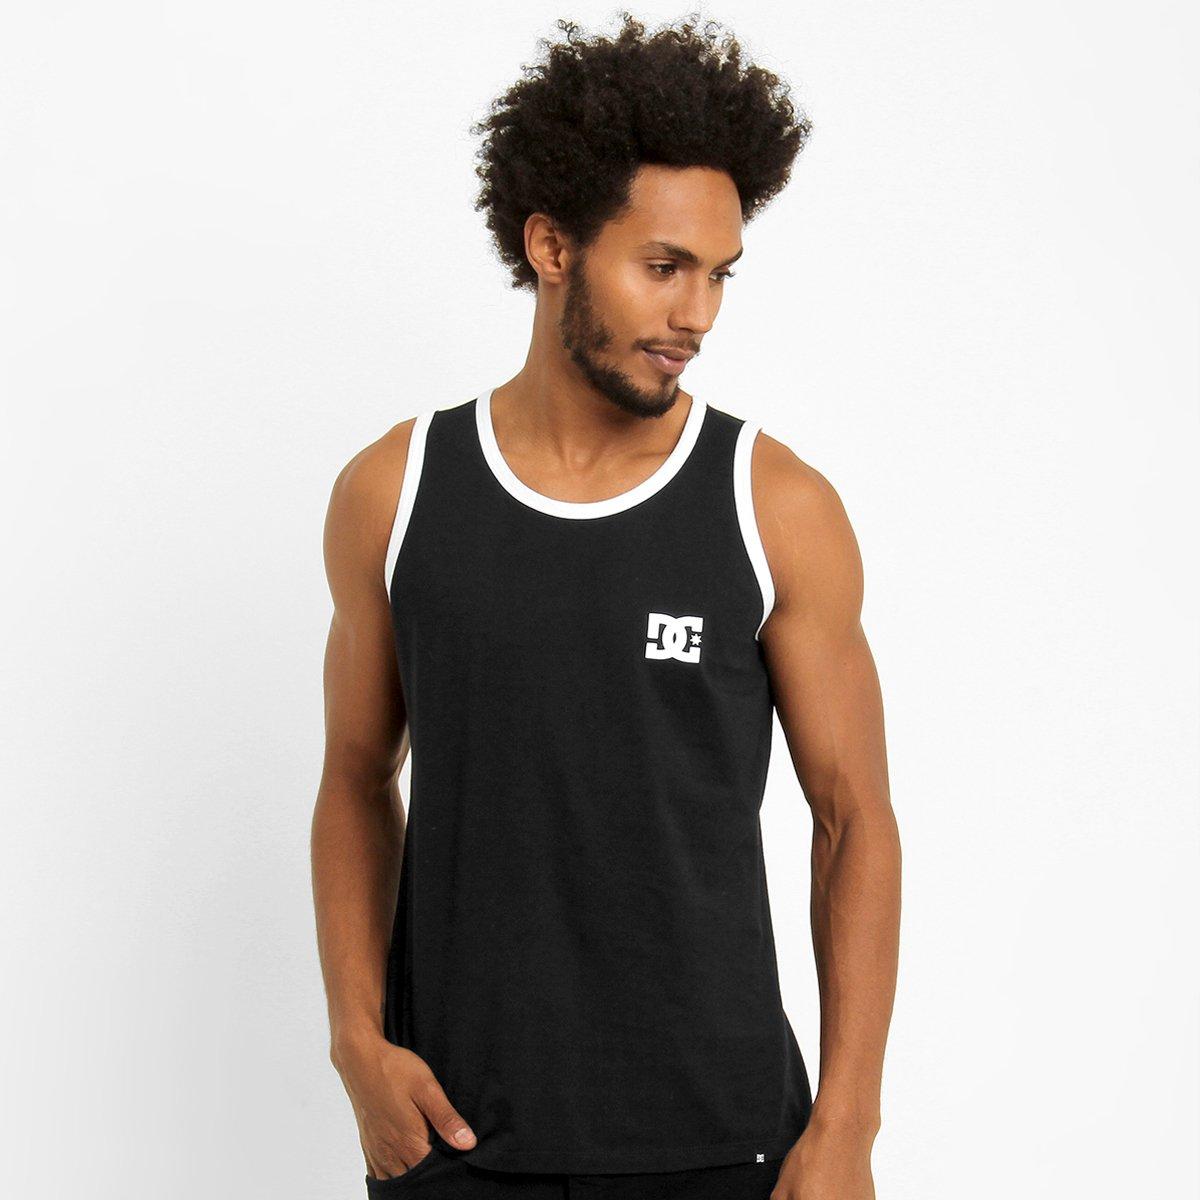 Camiseta Regata DC Shoes Skate - Compre Agora  db9cd830c6f